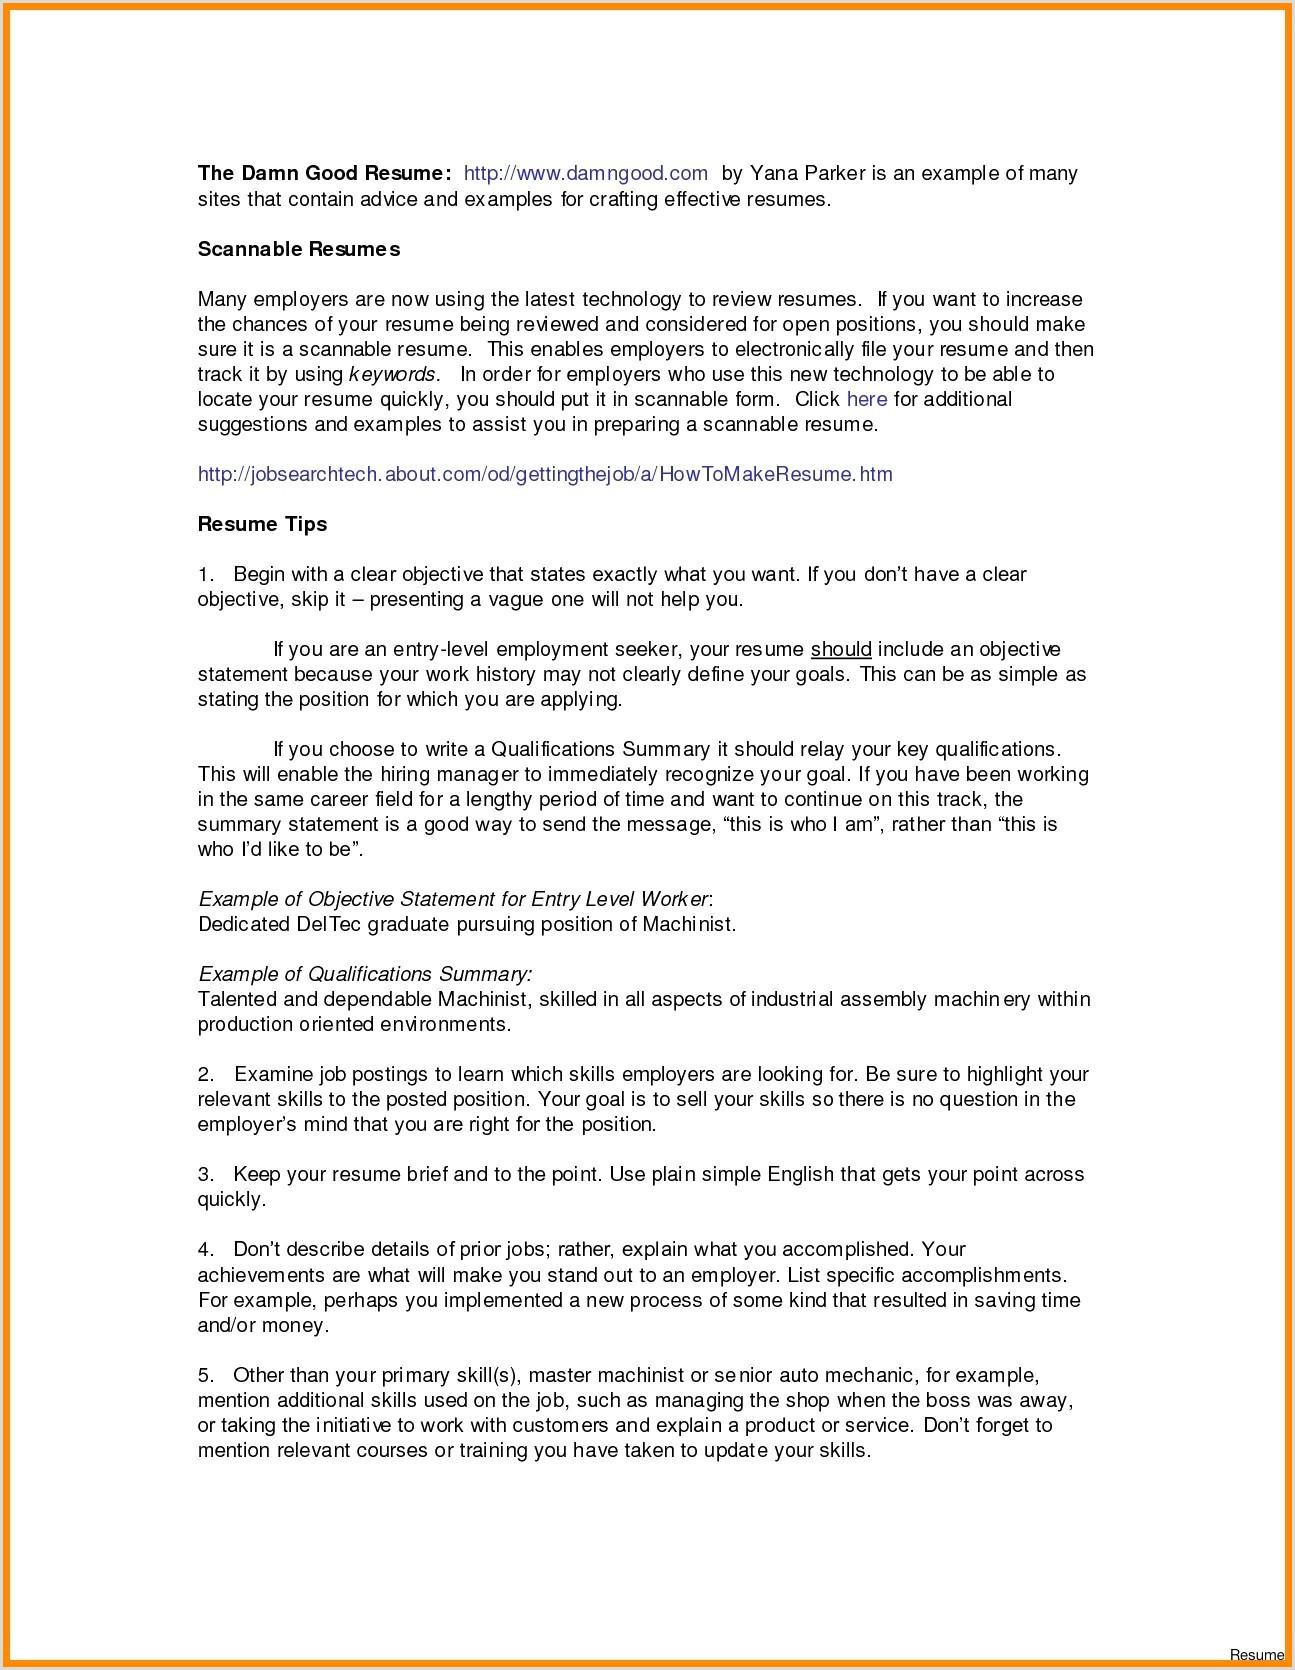 Mla Resume format 96 Cover Letter for Bank Teller Job Citibank Teller Cover